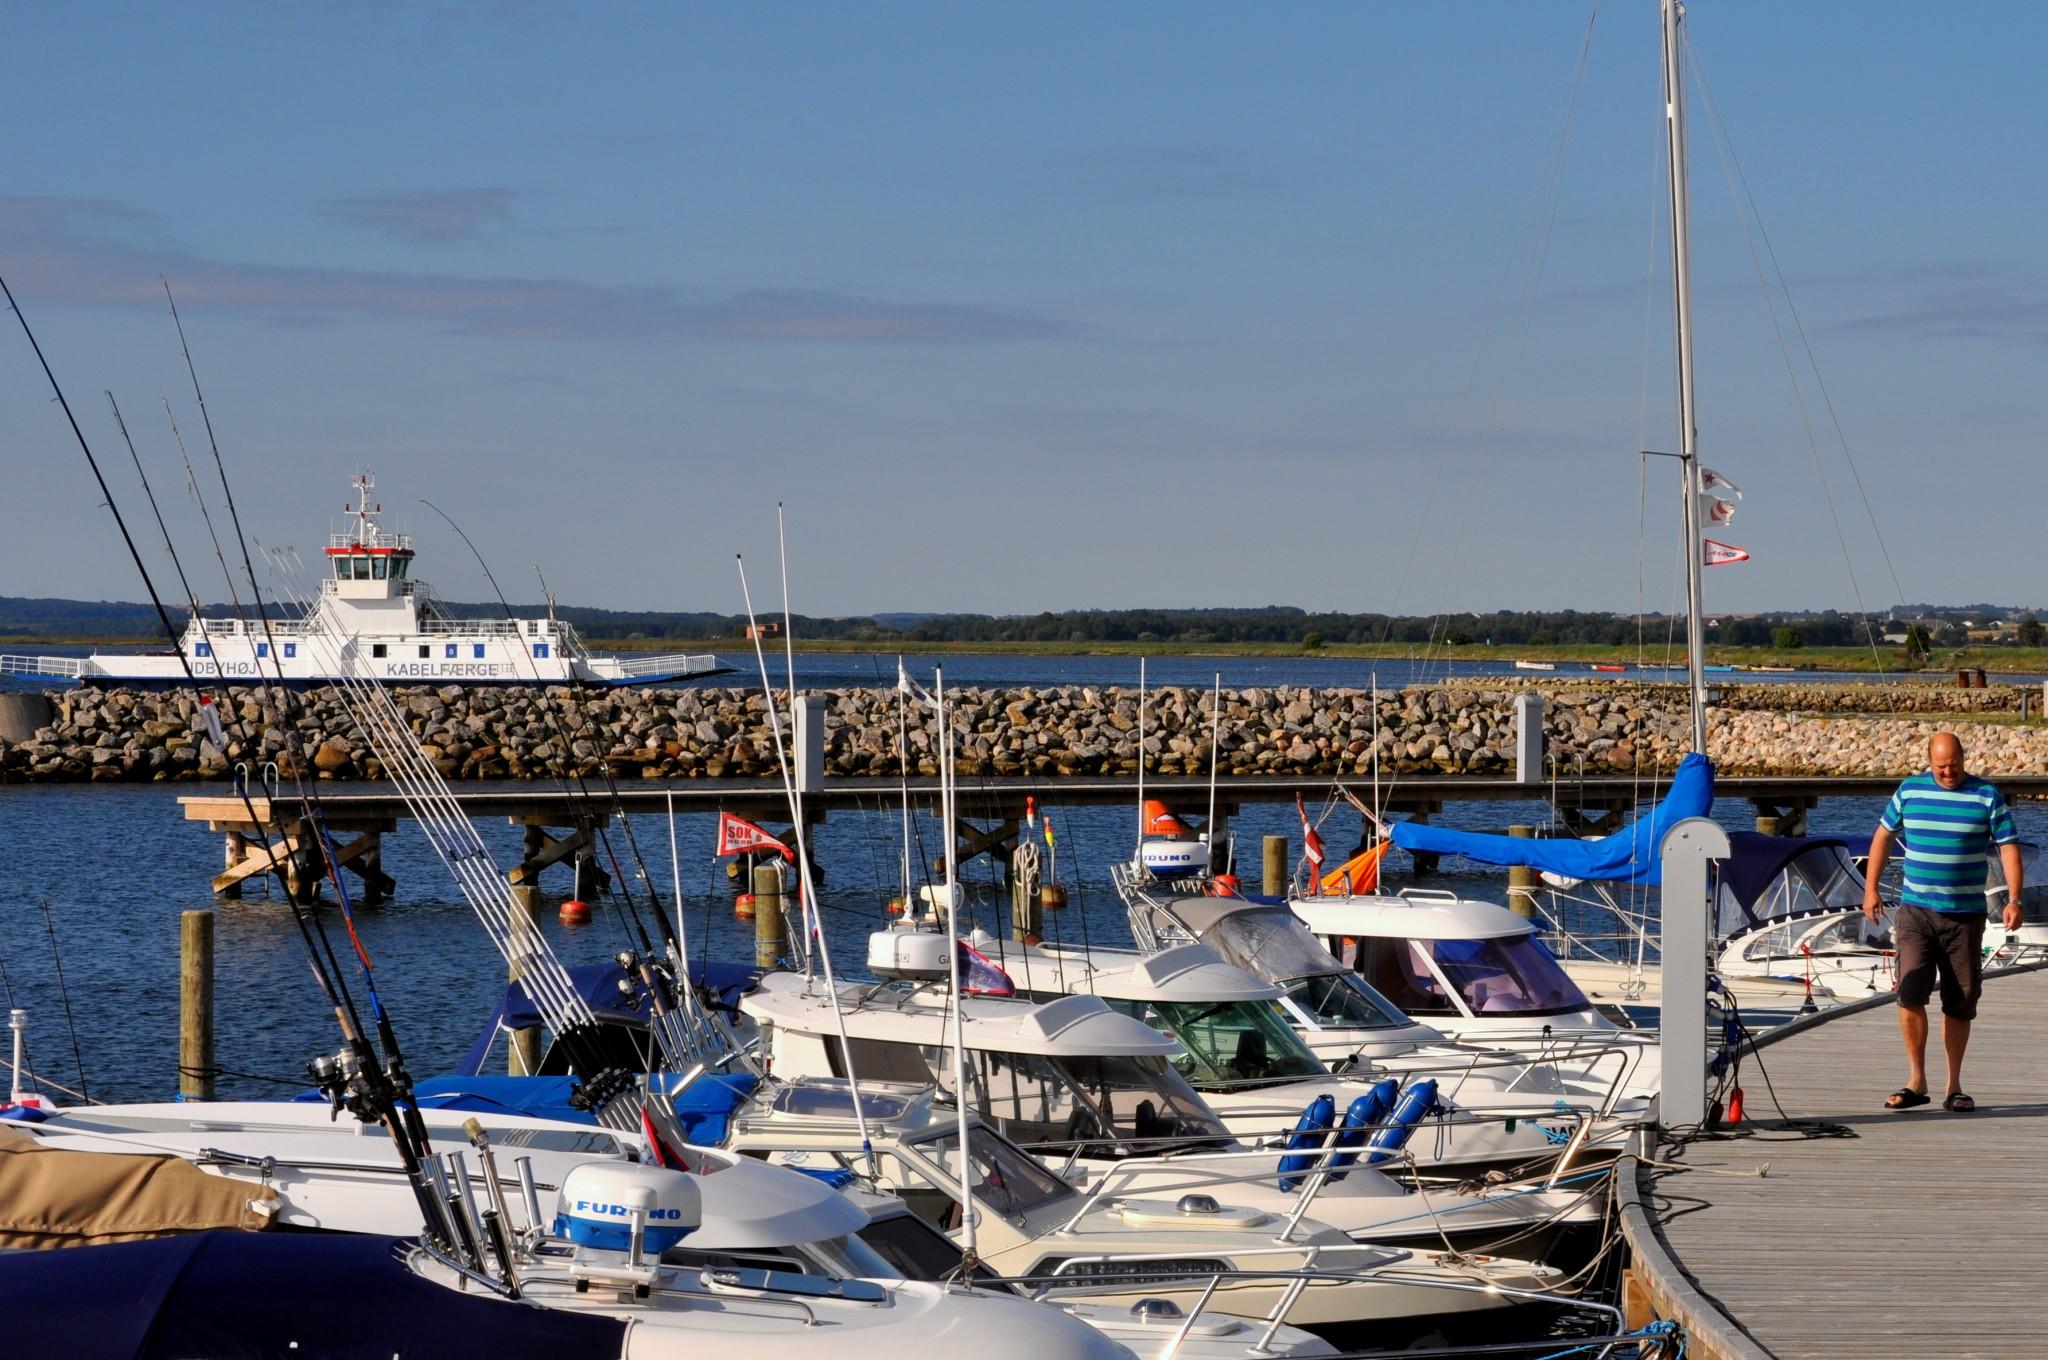 Udbyhøj Lystbådehavn - image Udbyhøj-Lystbådehavn-med-kig-ud-over-Randers-Fjord on https://www.vildmedvand.dk